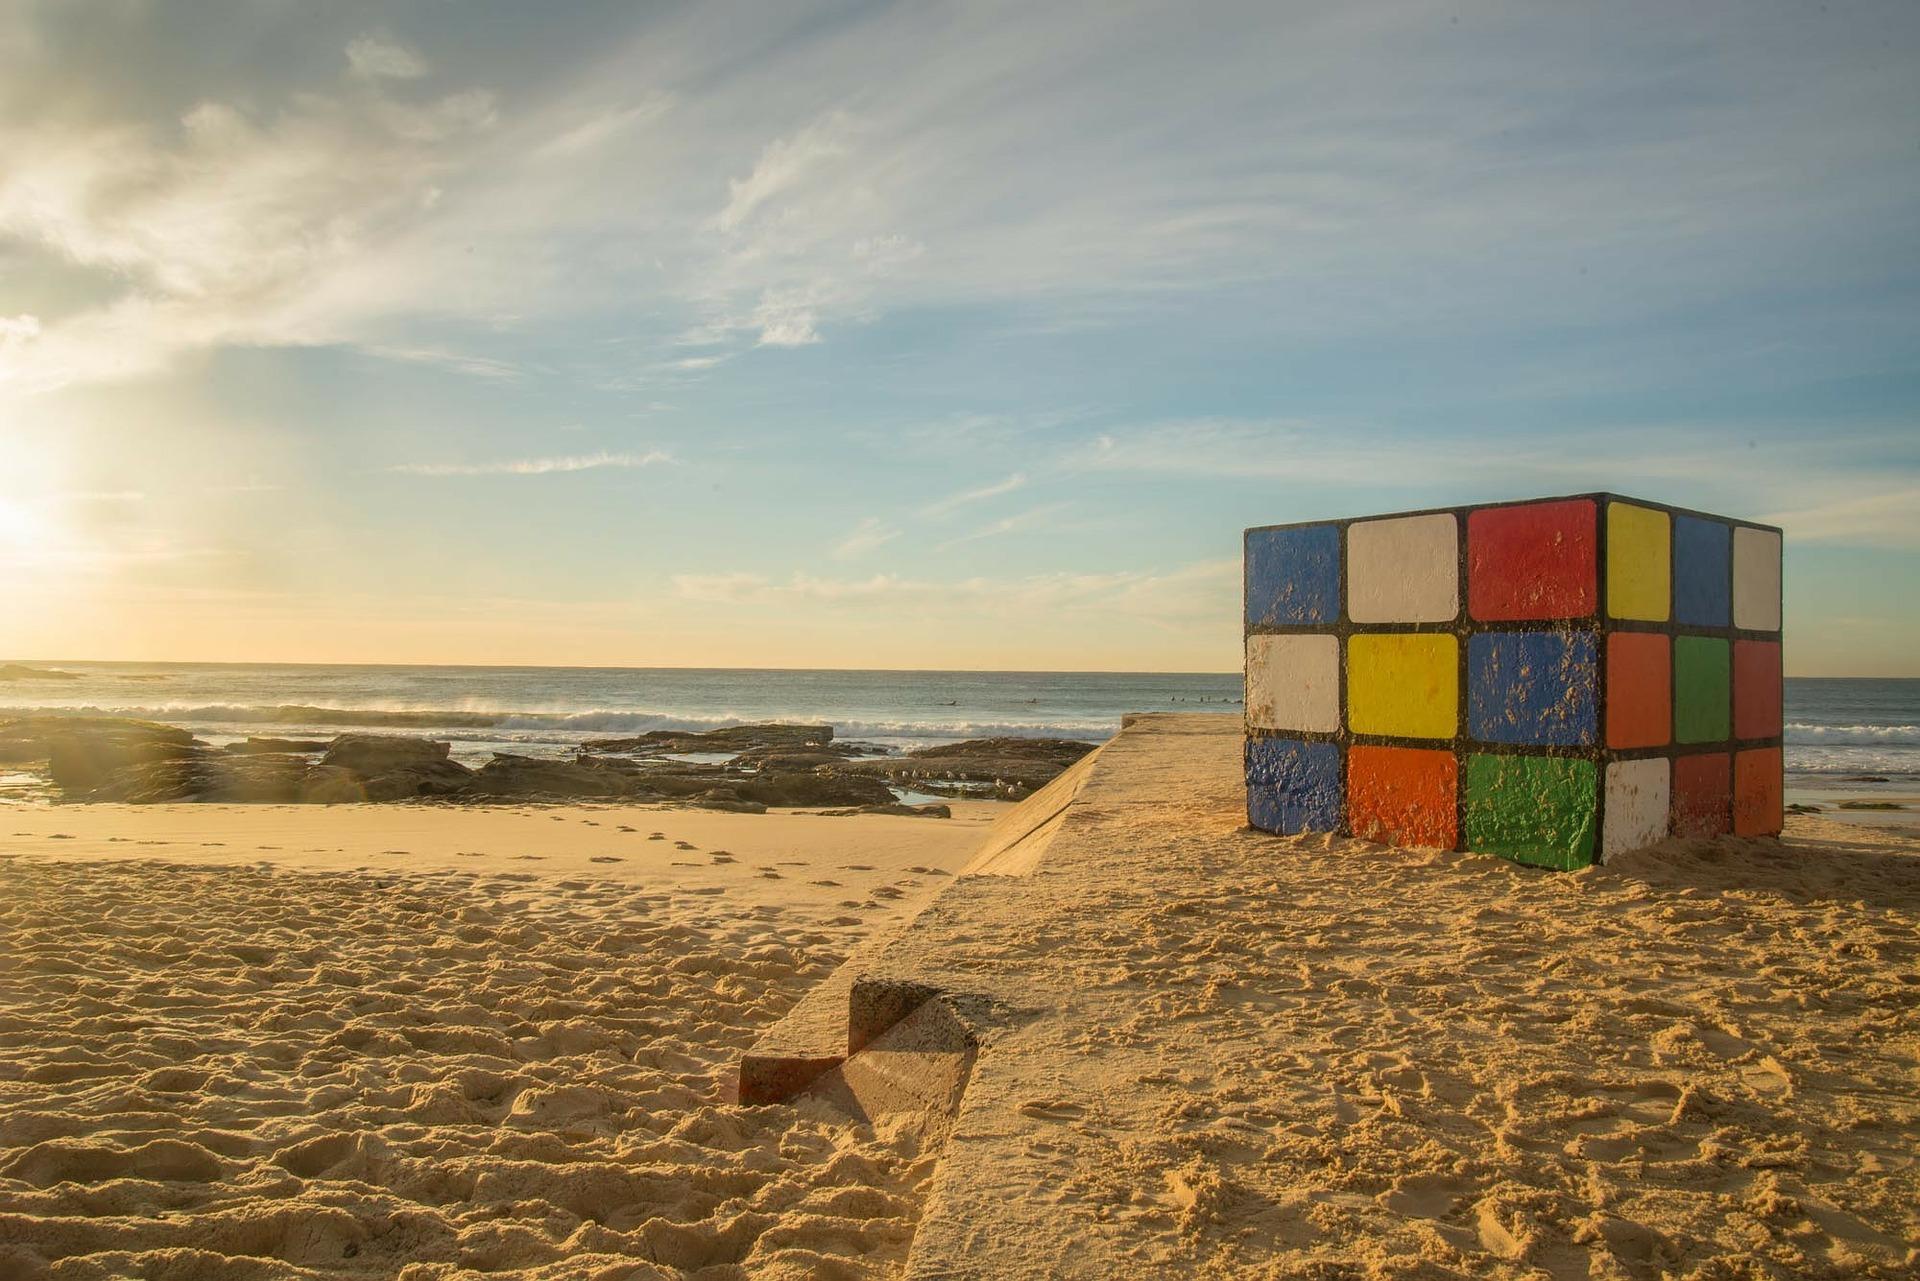 En stor Rubiks kube på en sandstrand